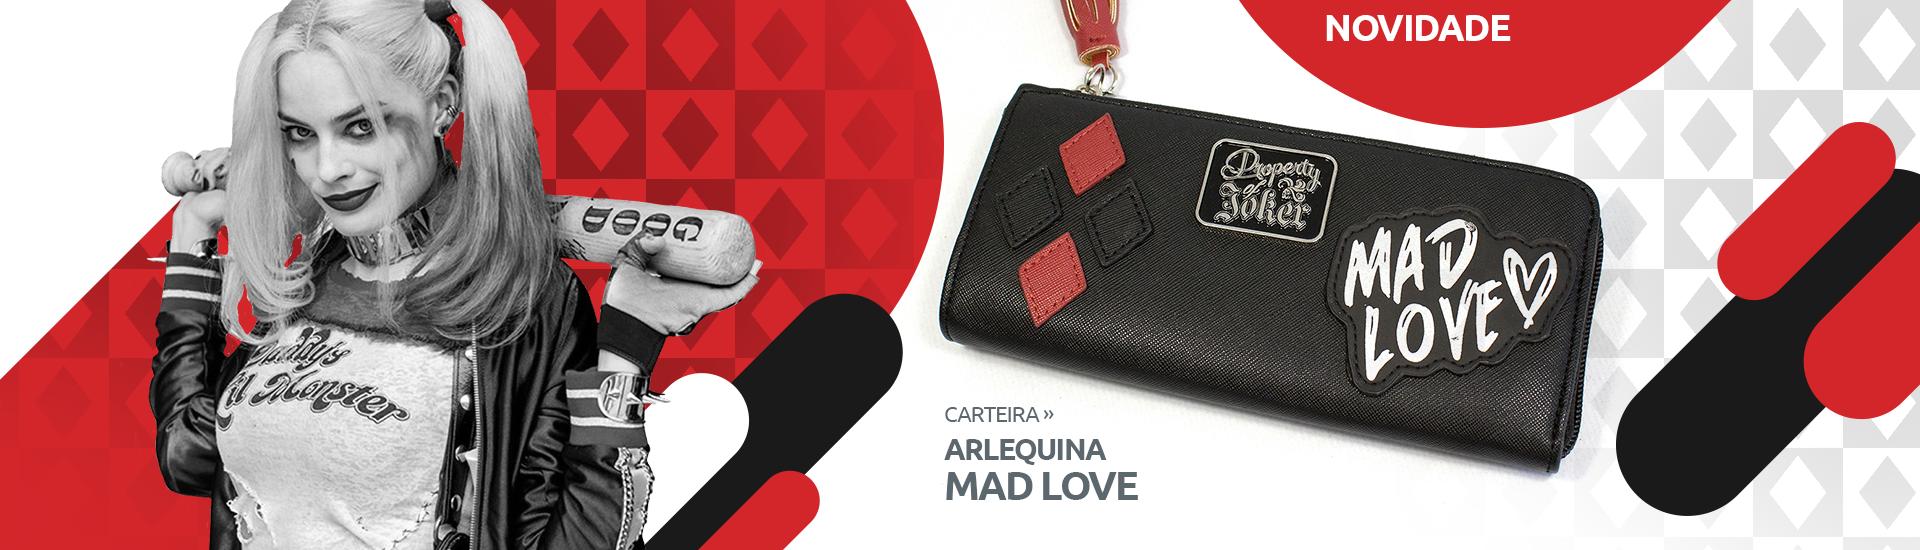 Carteira Arlequina - Mad Love